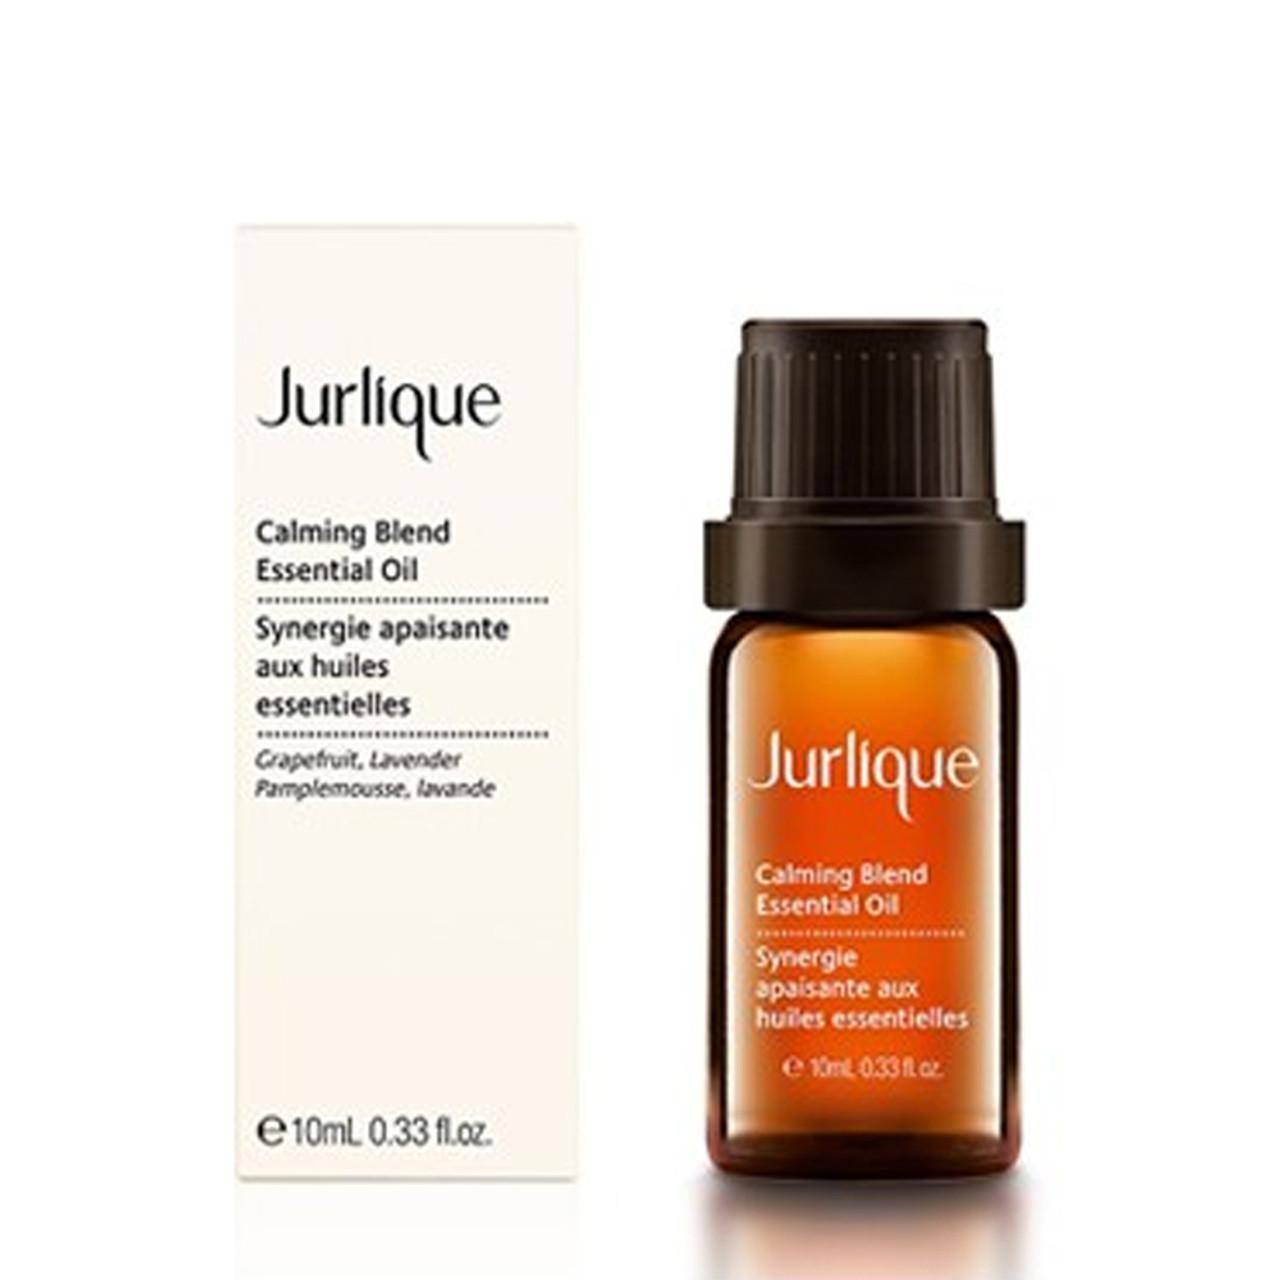 Jurlique Calming Blend Essential Oil BeautifiedYou.com